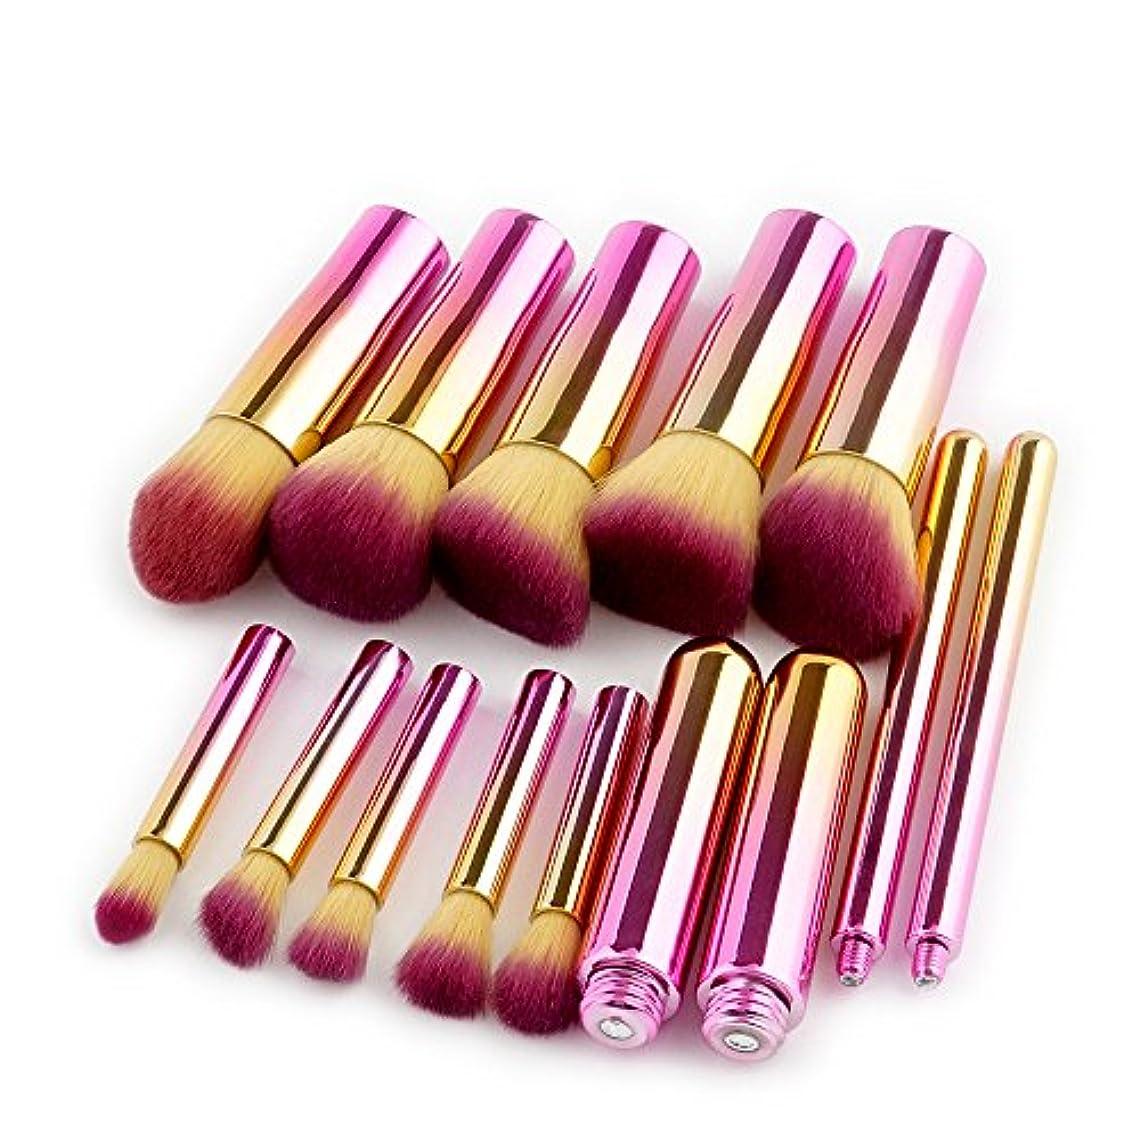 ポインタペリスコープクローゼット(プタス)Putars メイクブラシ メイクブラシセット 10本セット ピンク 化粧ブラシ ふわふわ お肌に優しい 毛量たっぷり メイク道具 プレゼント